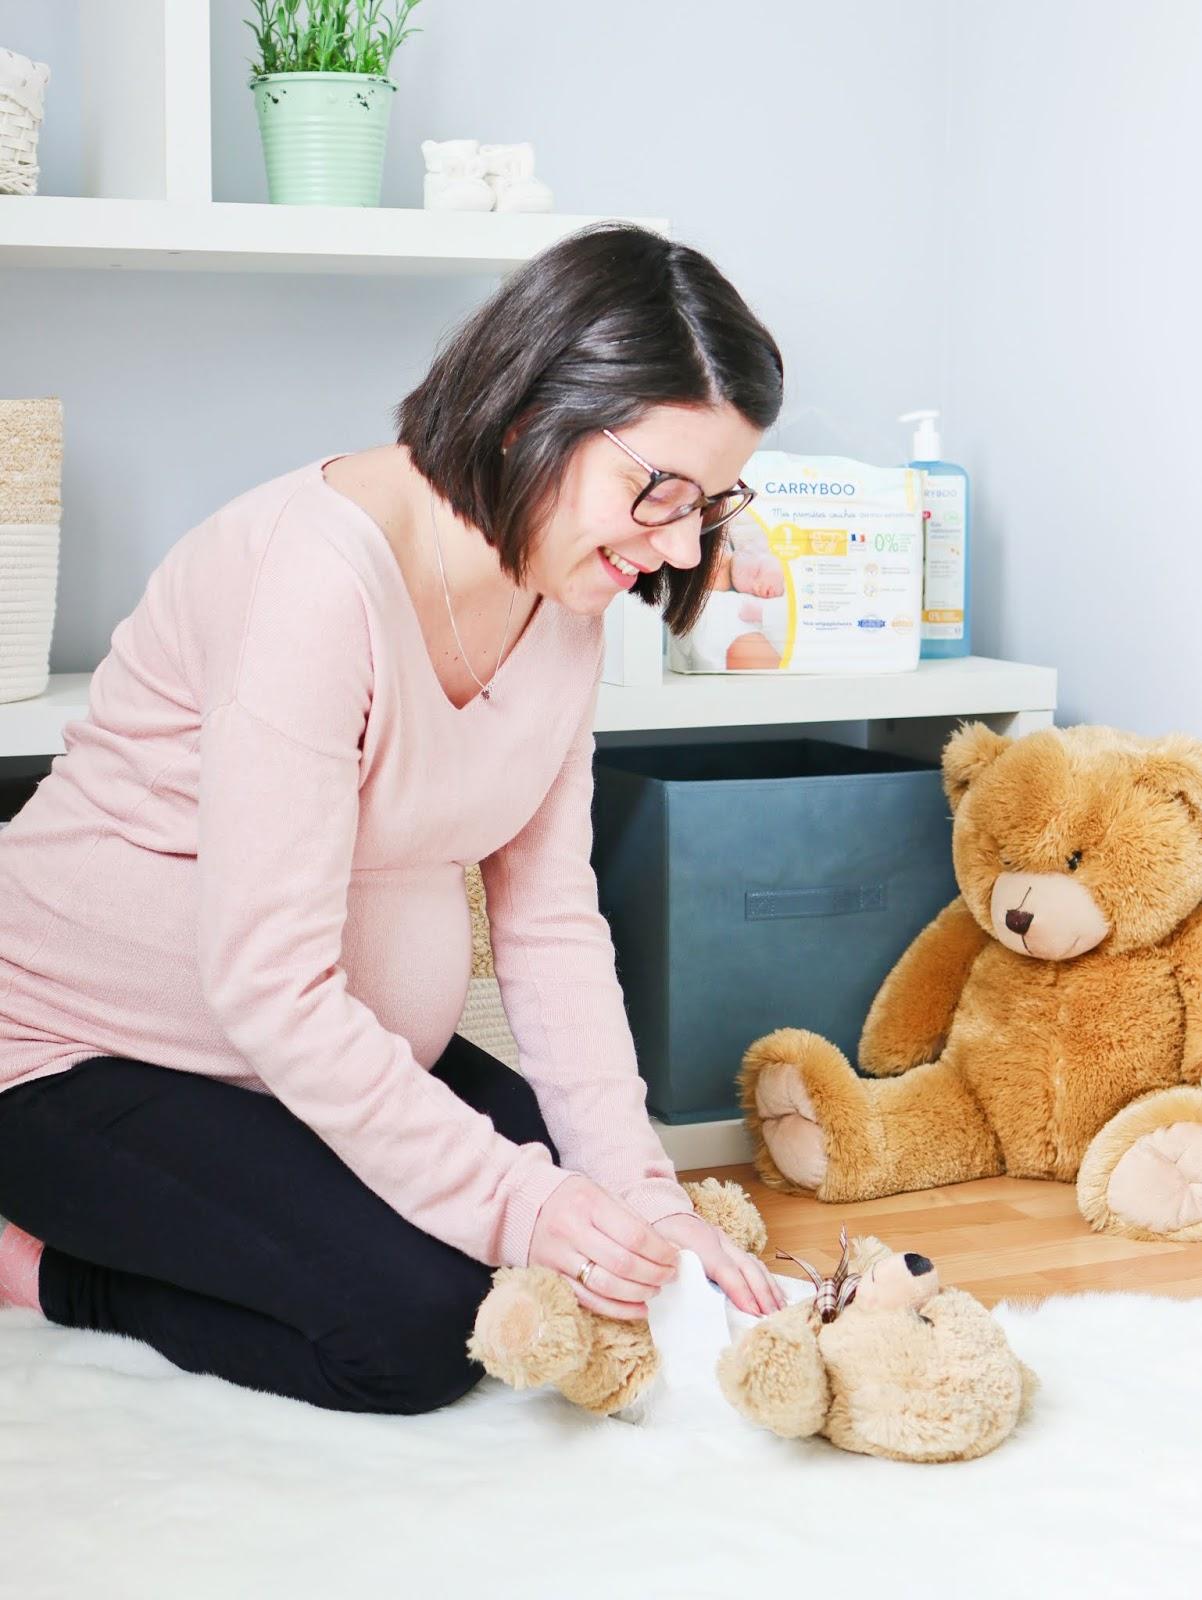 quelle couche choisir acheter pour bébé anses rapport substance nocive toxique bio carryboo avis experience français les gommettes de melo